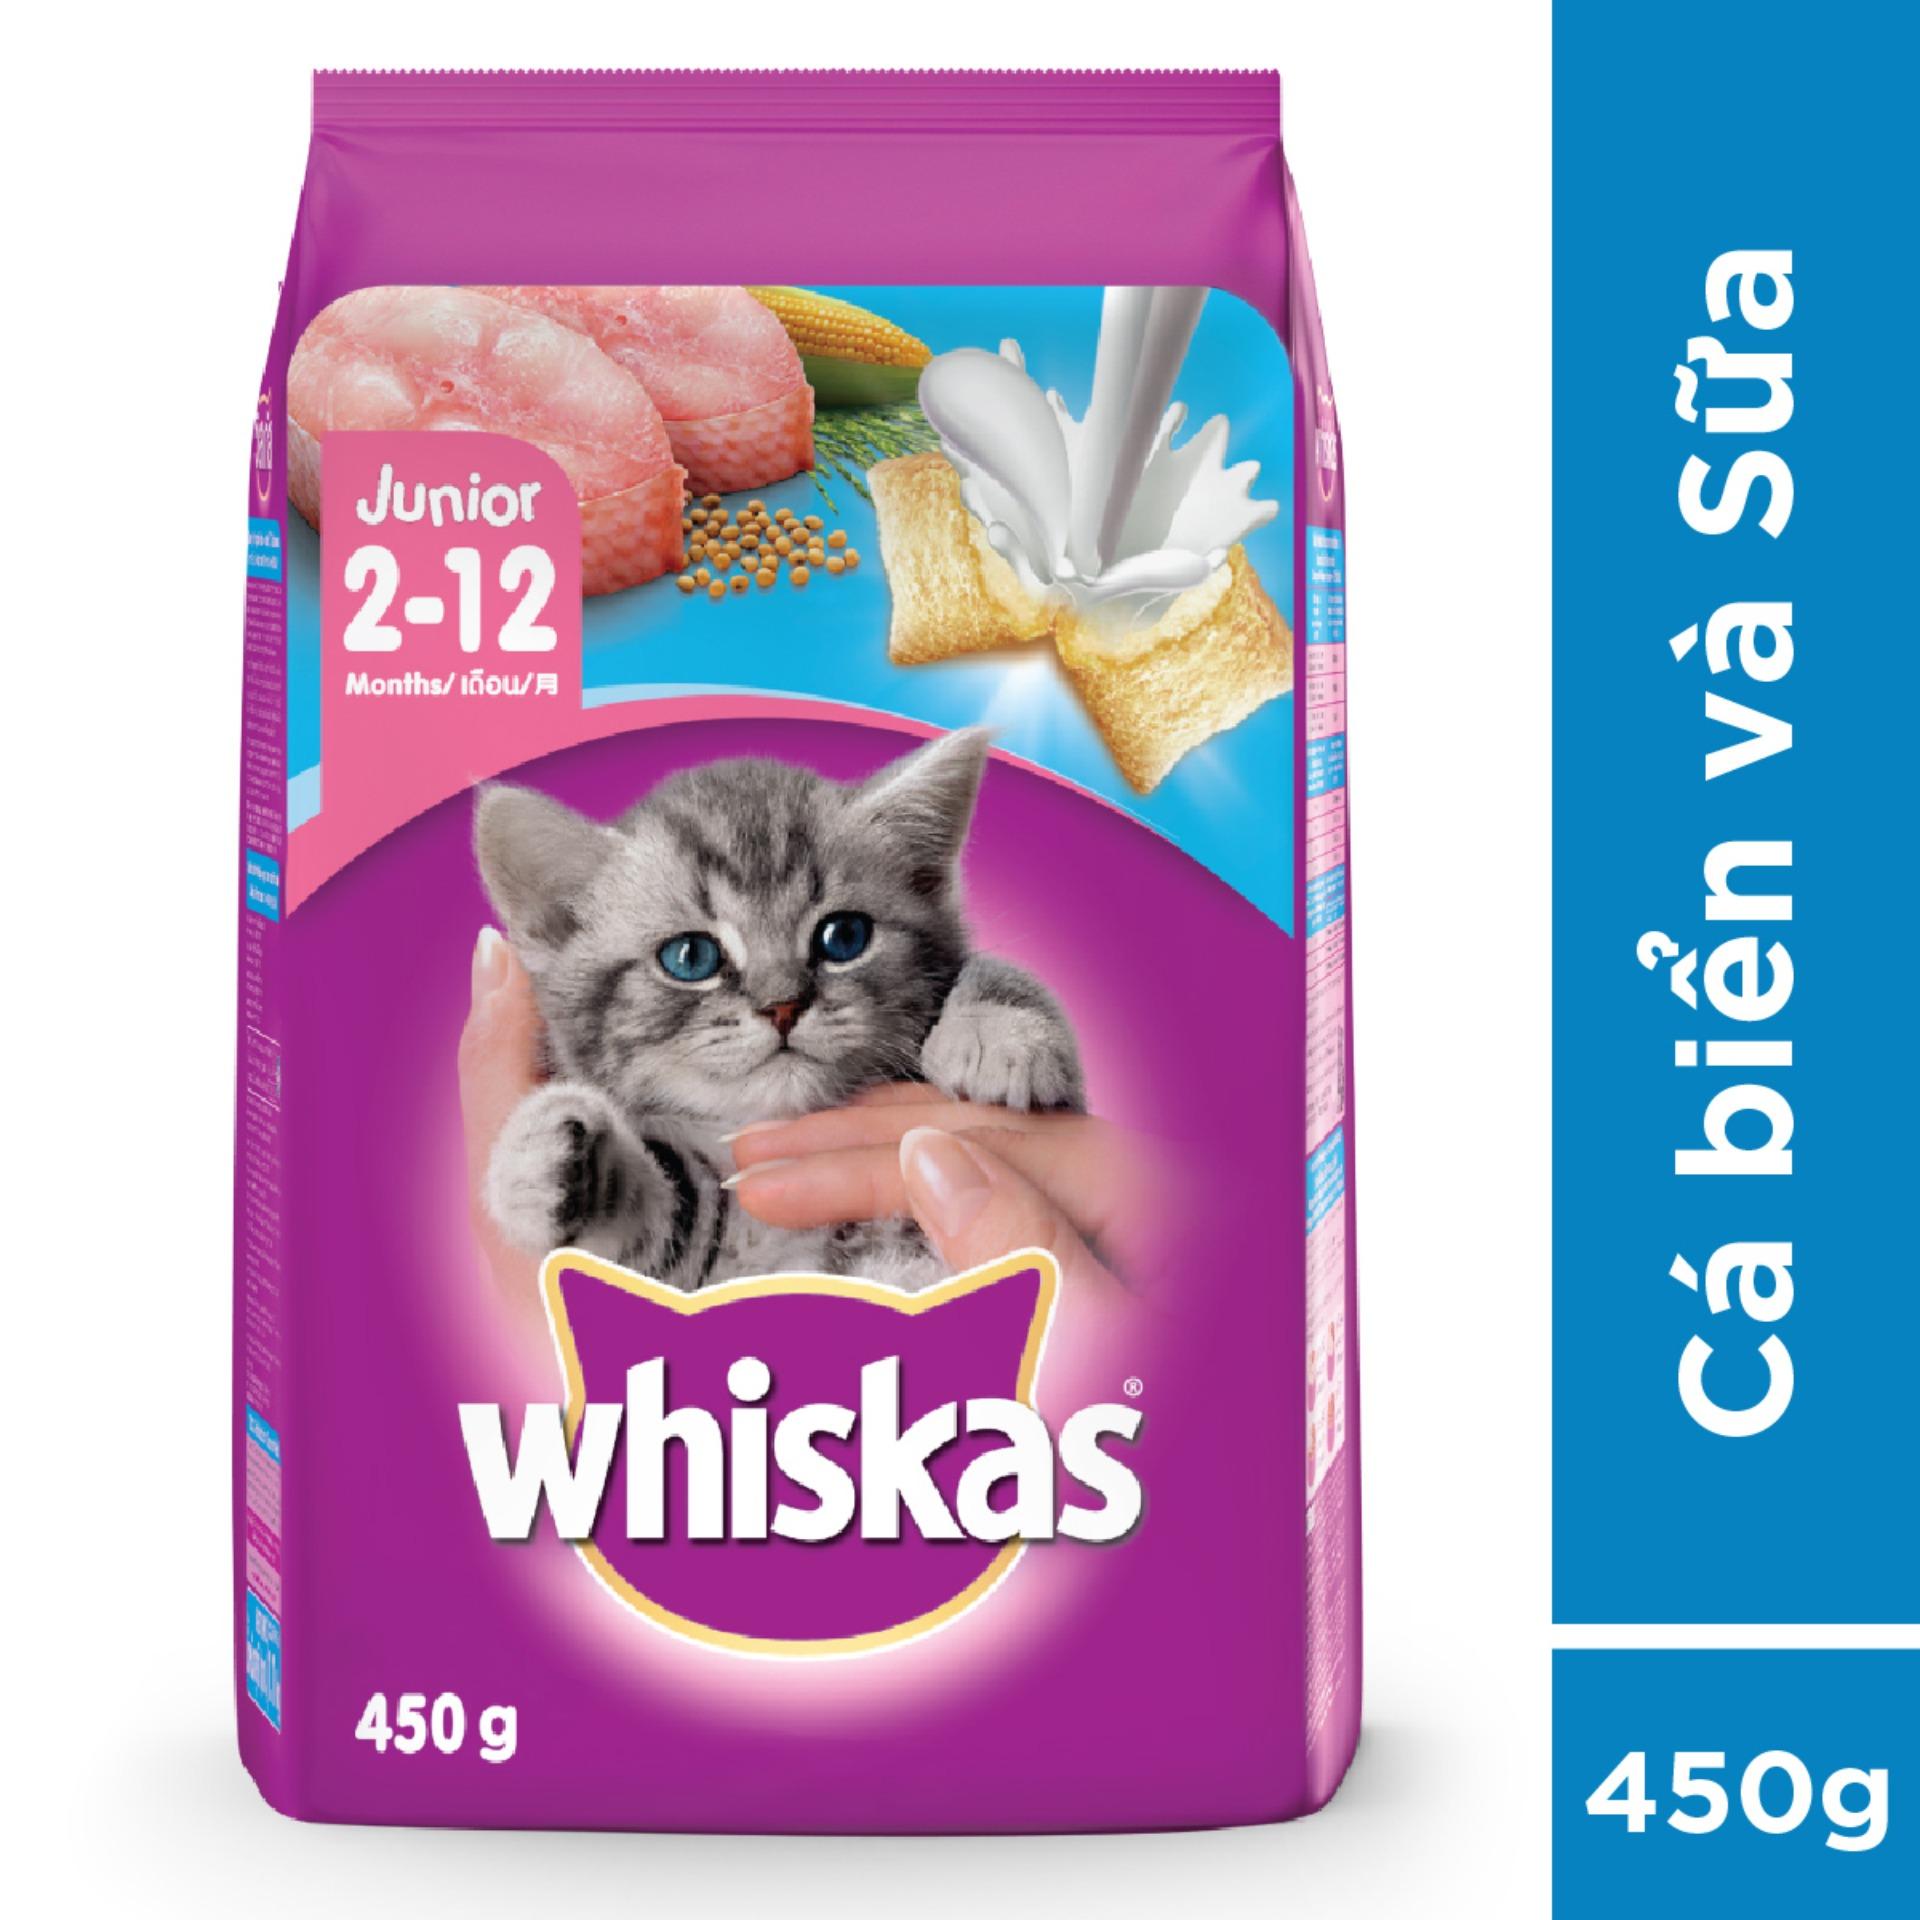 Giá Quá Tốt Để Mua Thức ăn Mèo Con Whiskas 450g